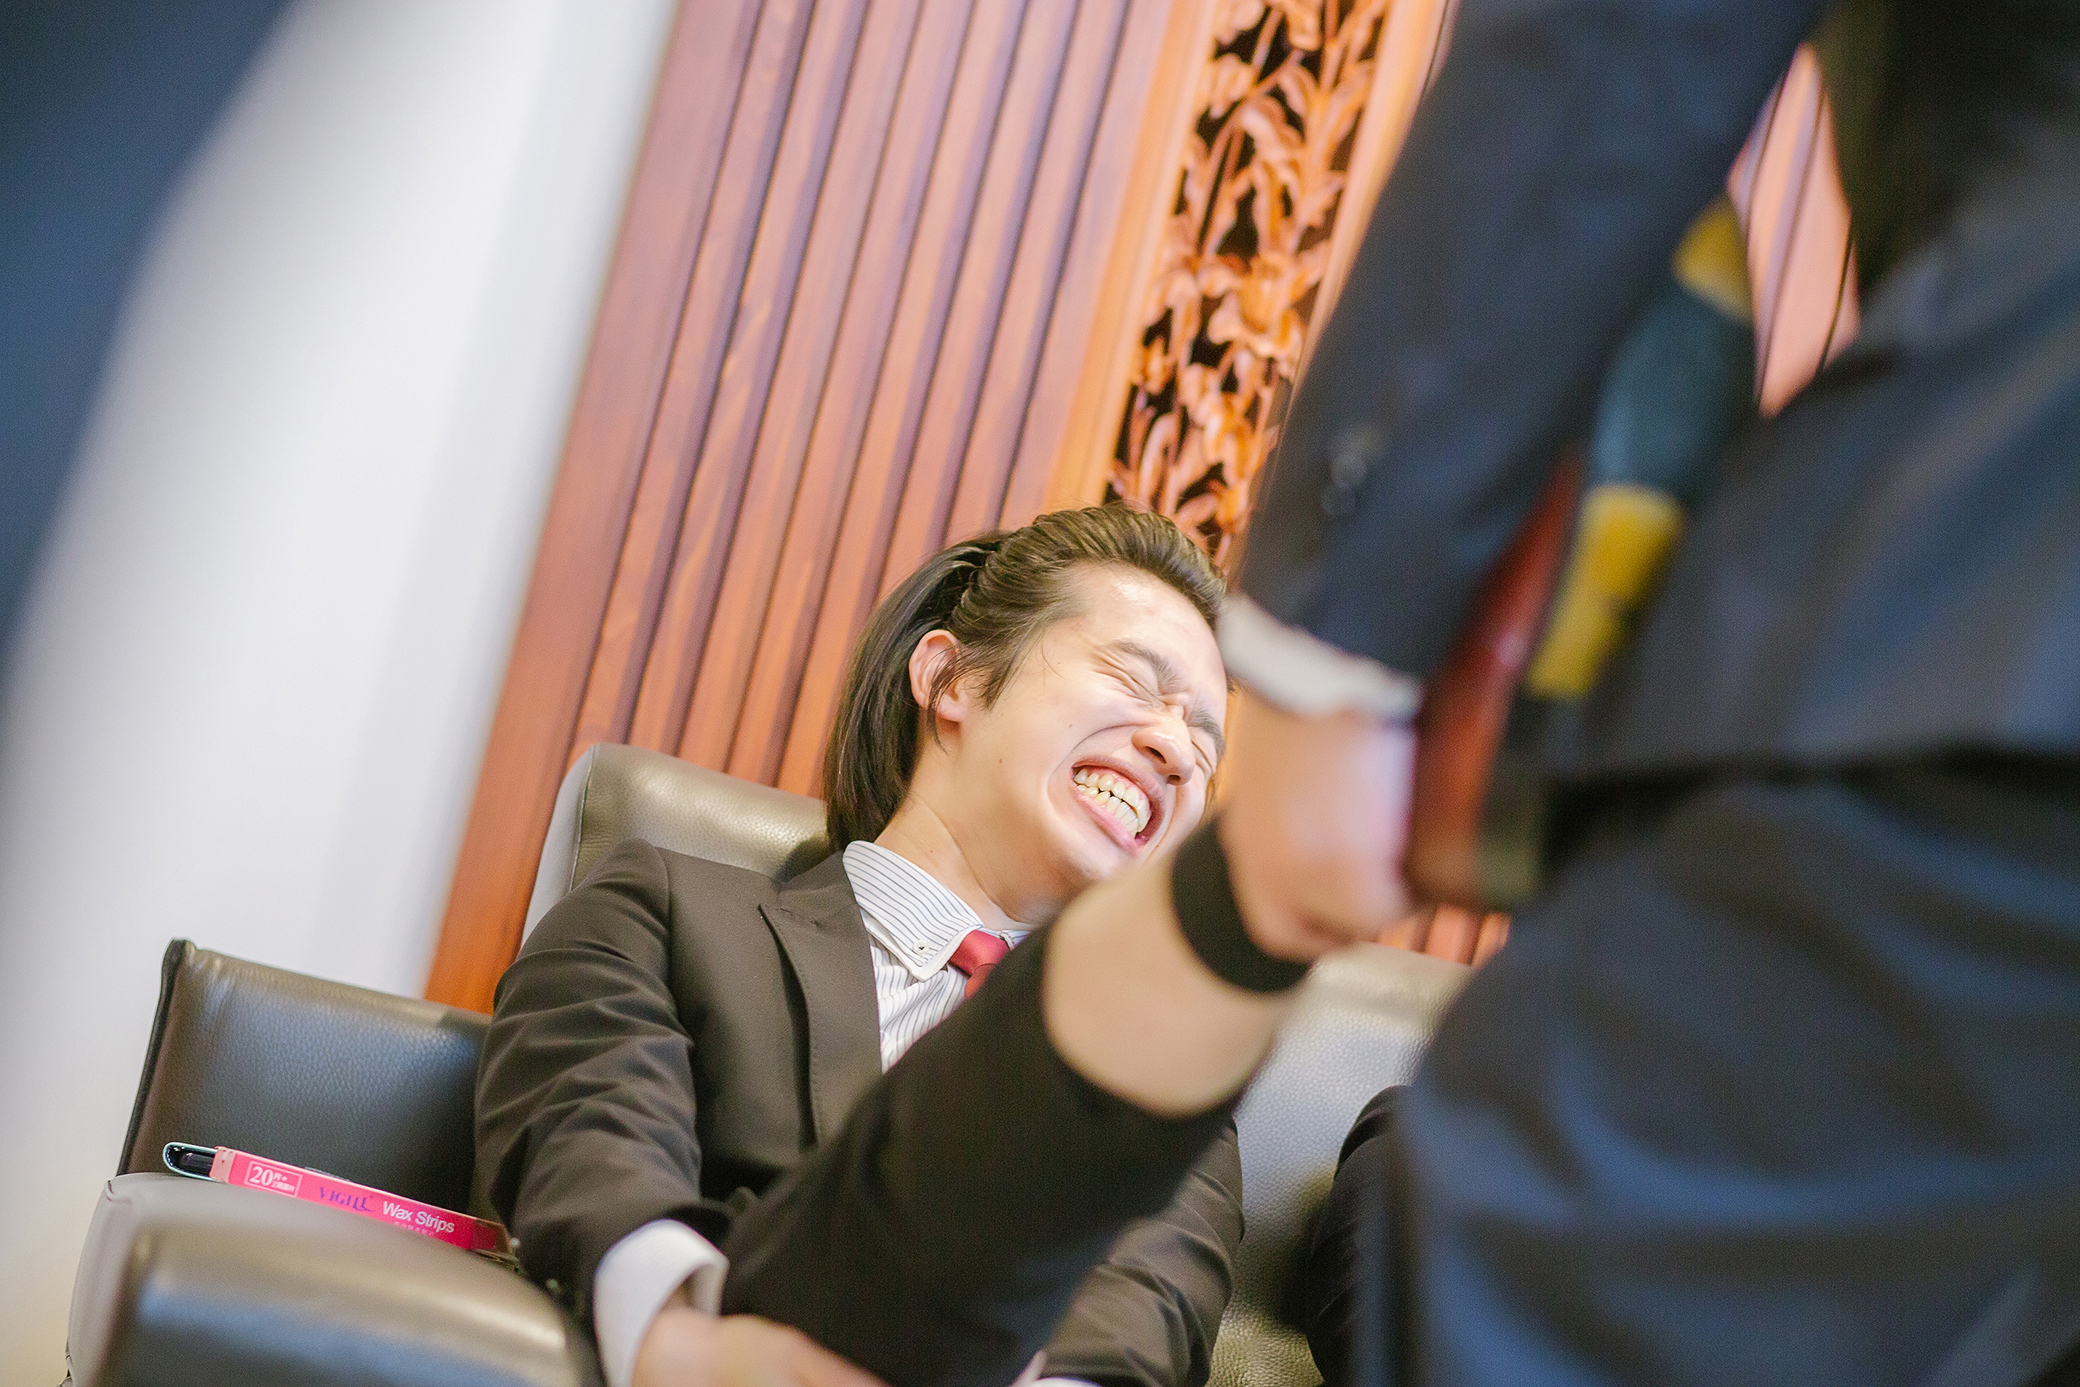 nickchang-wedding-%e5%af%92%e8%88%8d%e8%89%be%e9%ba%97-fineart-13